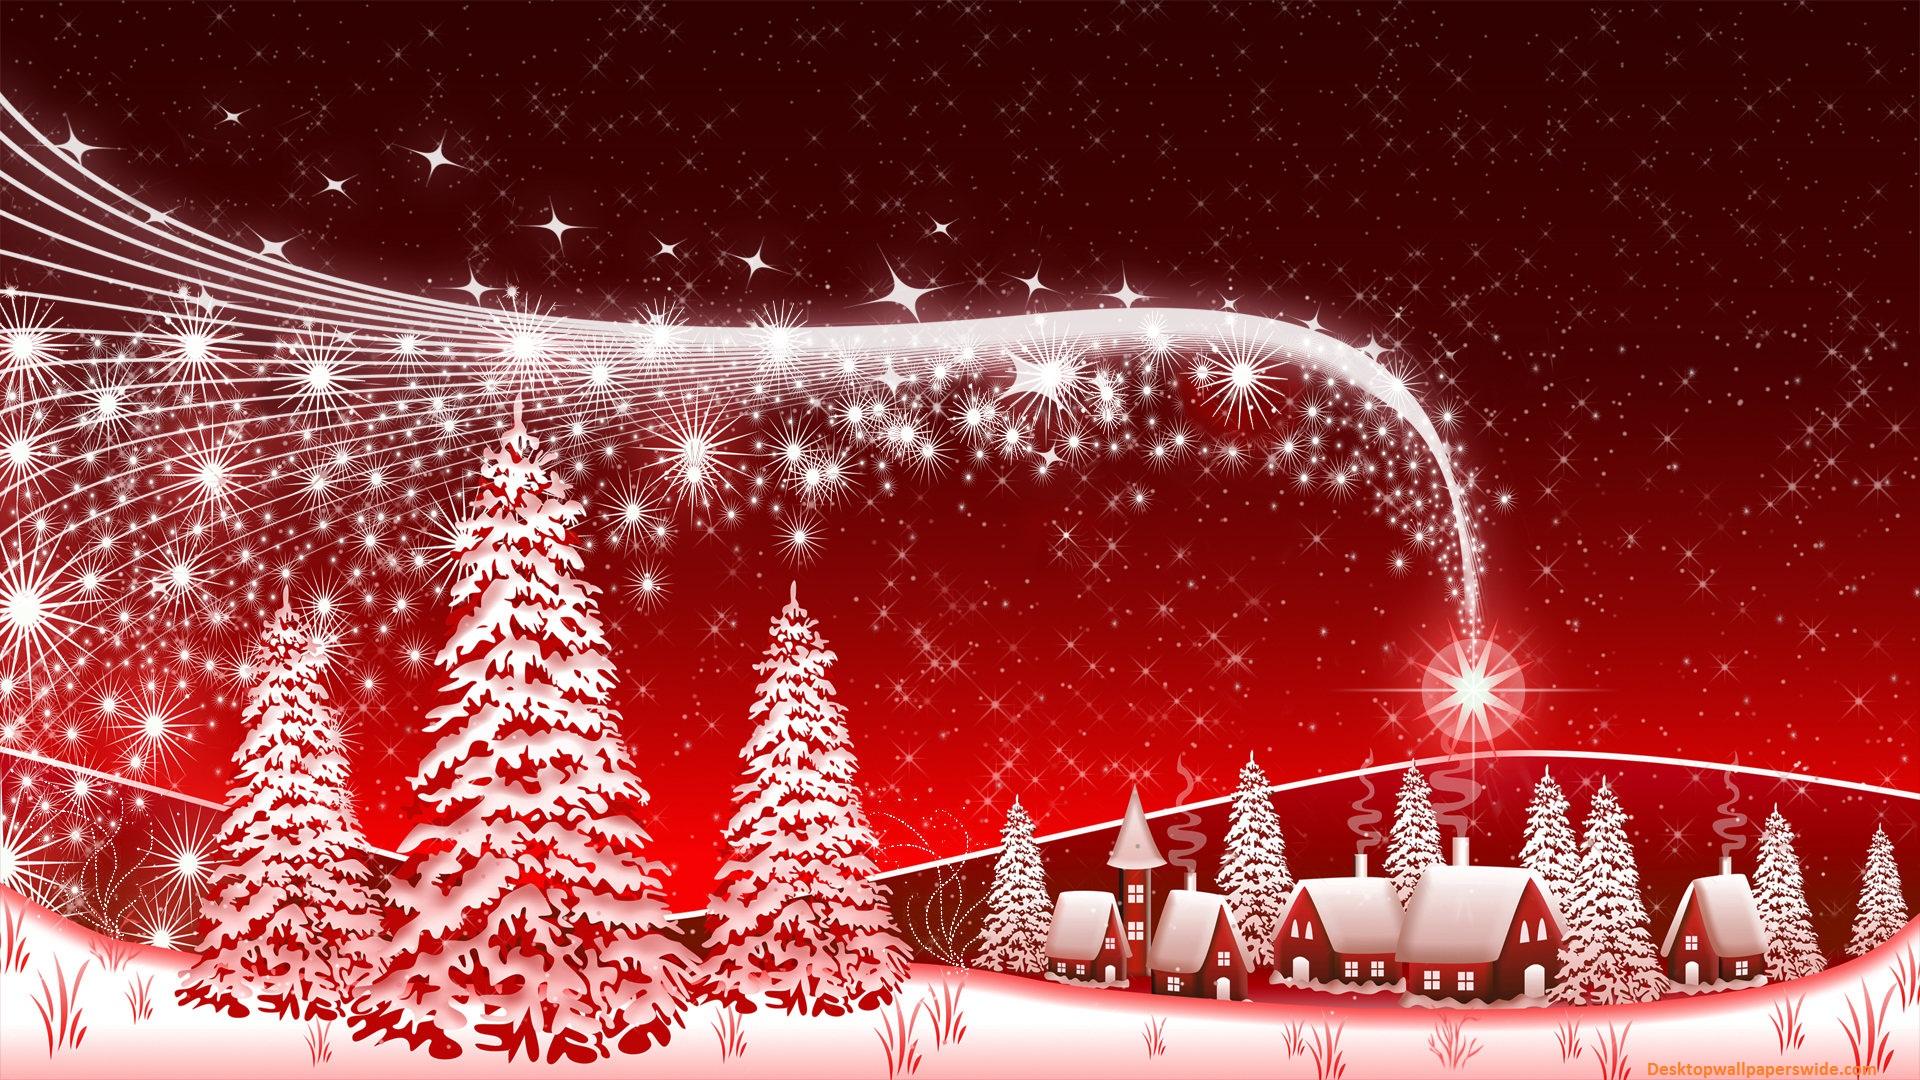 Merry Christmas Desktop Wallpaper 3d Merry Christmas Wallpapers Background Hd Desktop